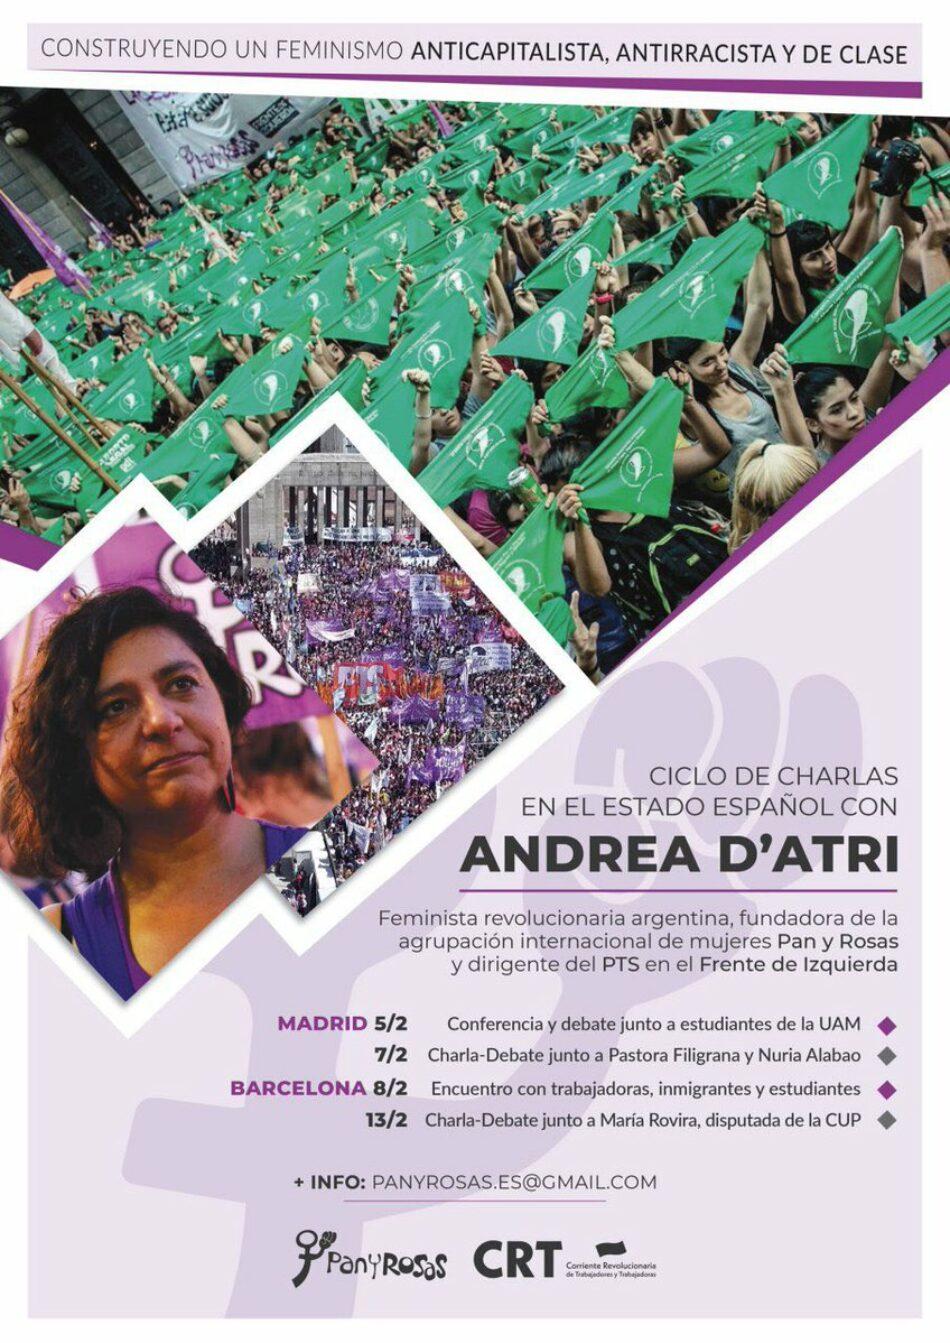 La feminista y dirigente de la izquierda argentina Andrea D' Atri realiza actividades en Madrid y Barcelona